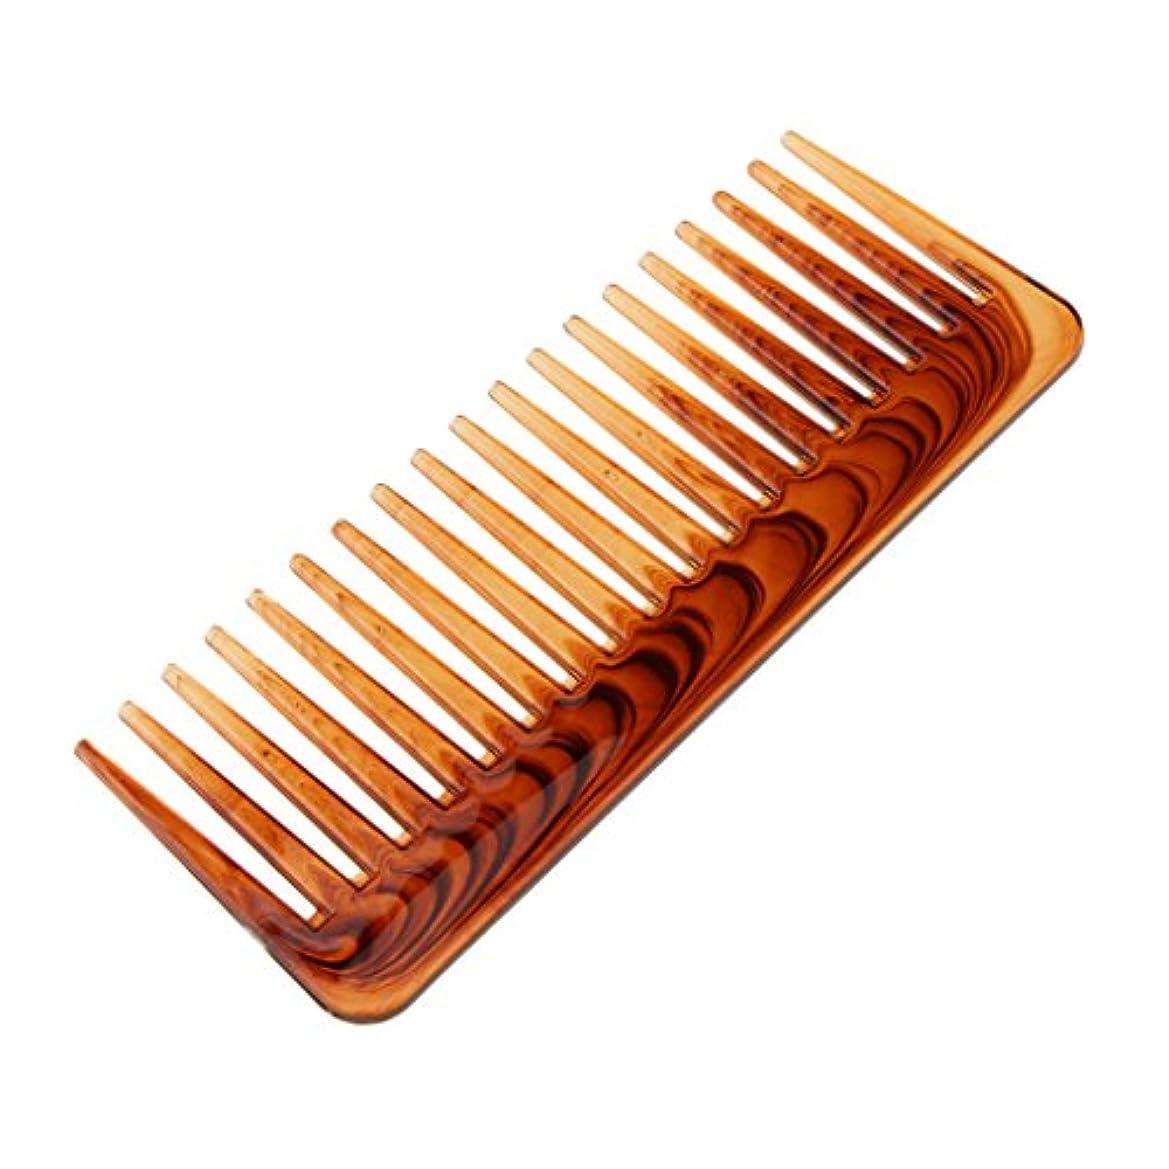 情熱触手加速するヘアコーム ワイド歯 ヘアブラシ 櫛 ヘアスタイリング 頭皮マッサージ 快適